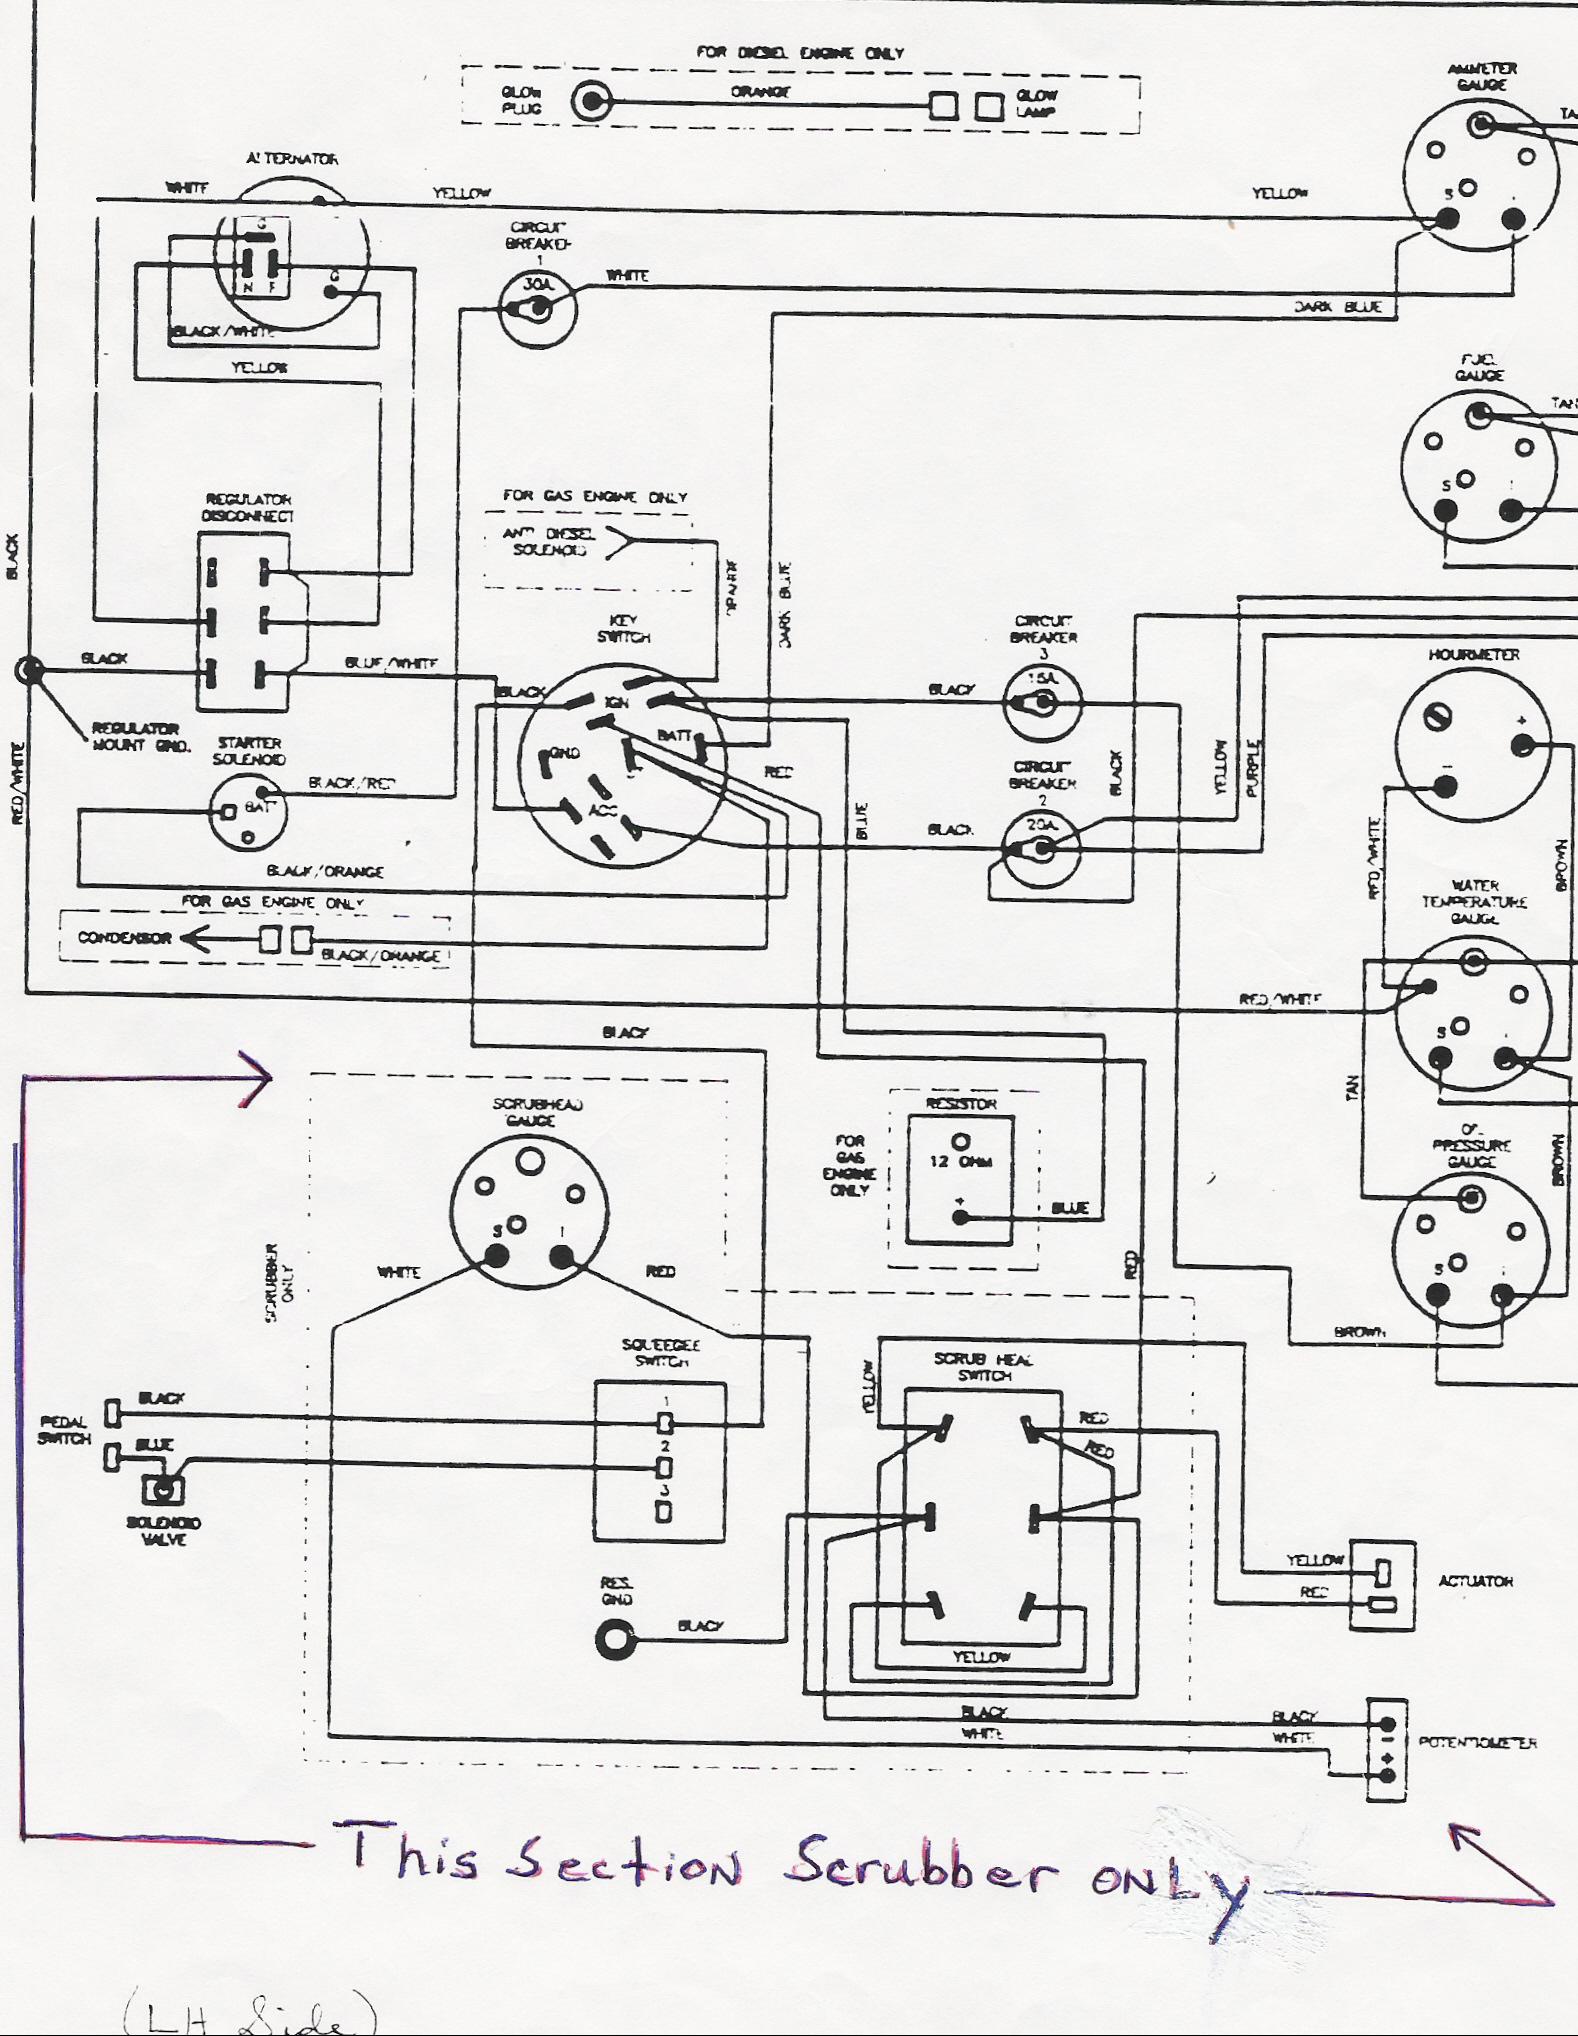 Wiring Diagram For Onan Generator | Wiring Diagram - Onan 4.0 Rv Genset Wiring Diagram